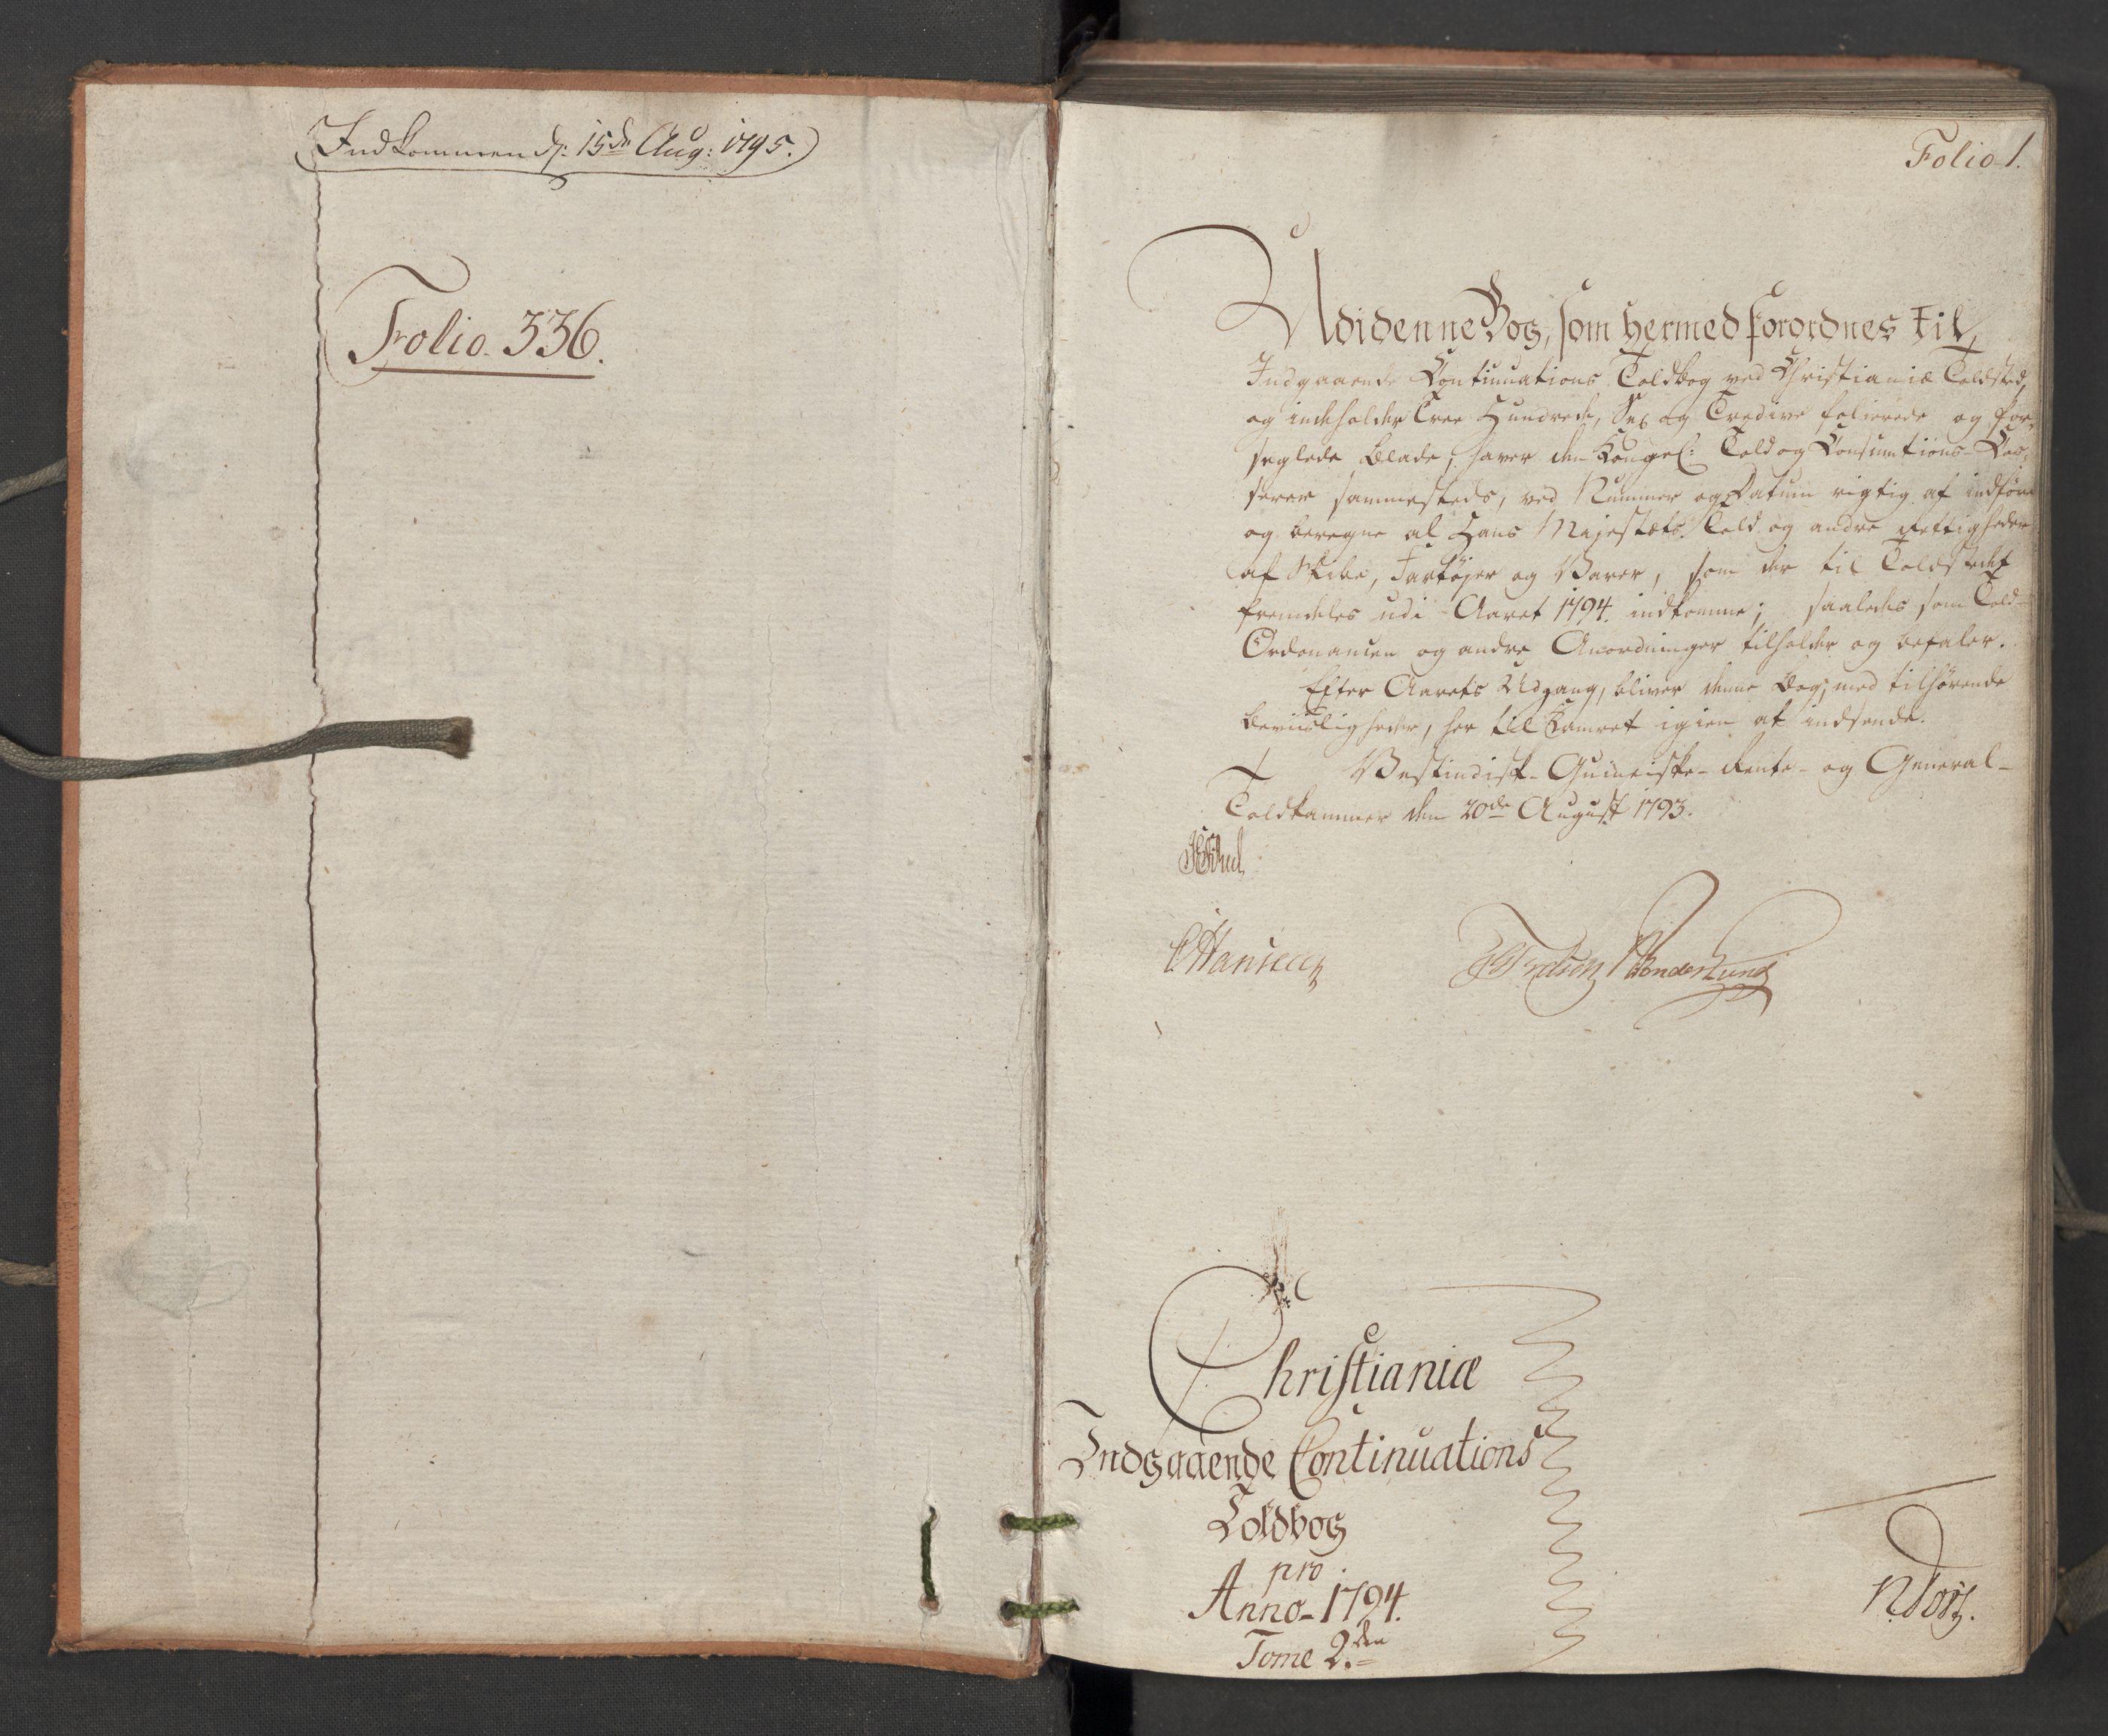 RA, Generaltollkammeret, tollregnskaper, R06/L0195: Tollregnskaper Kristiania, 1794